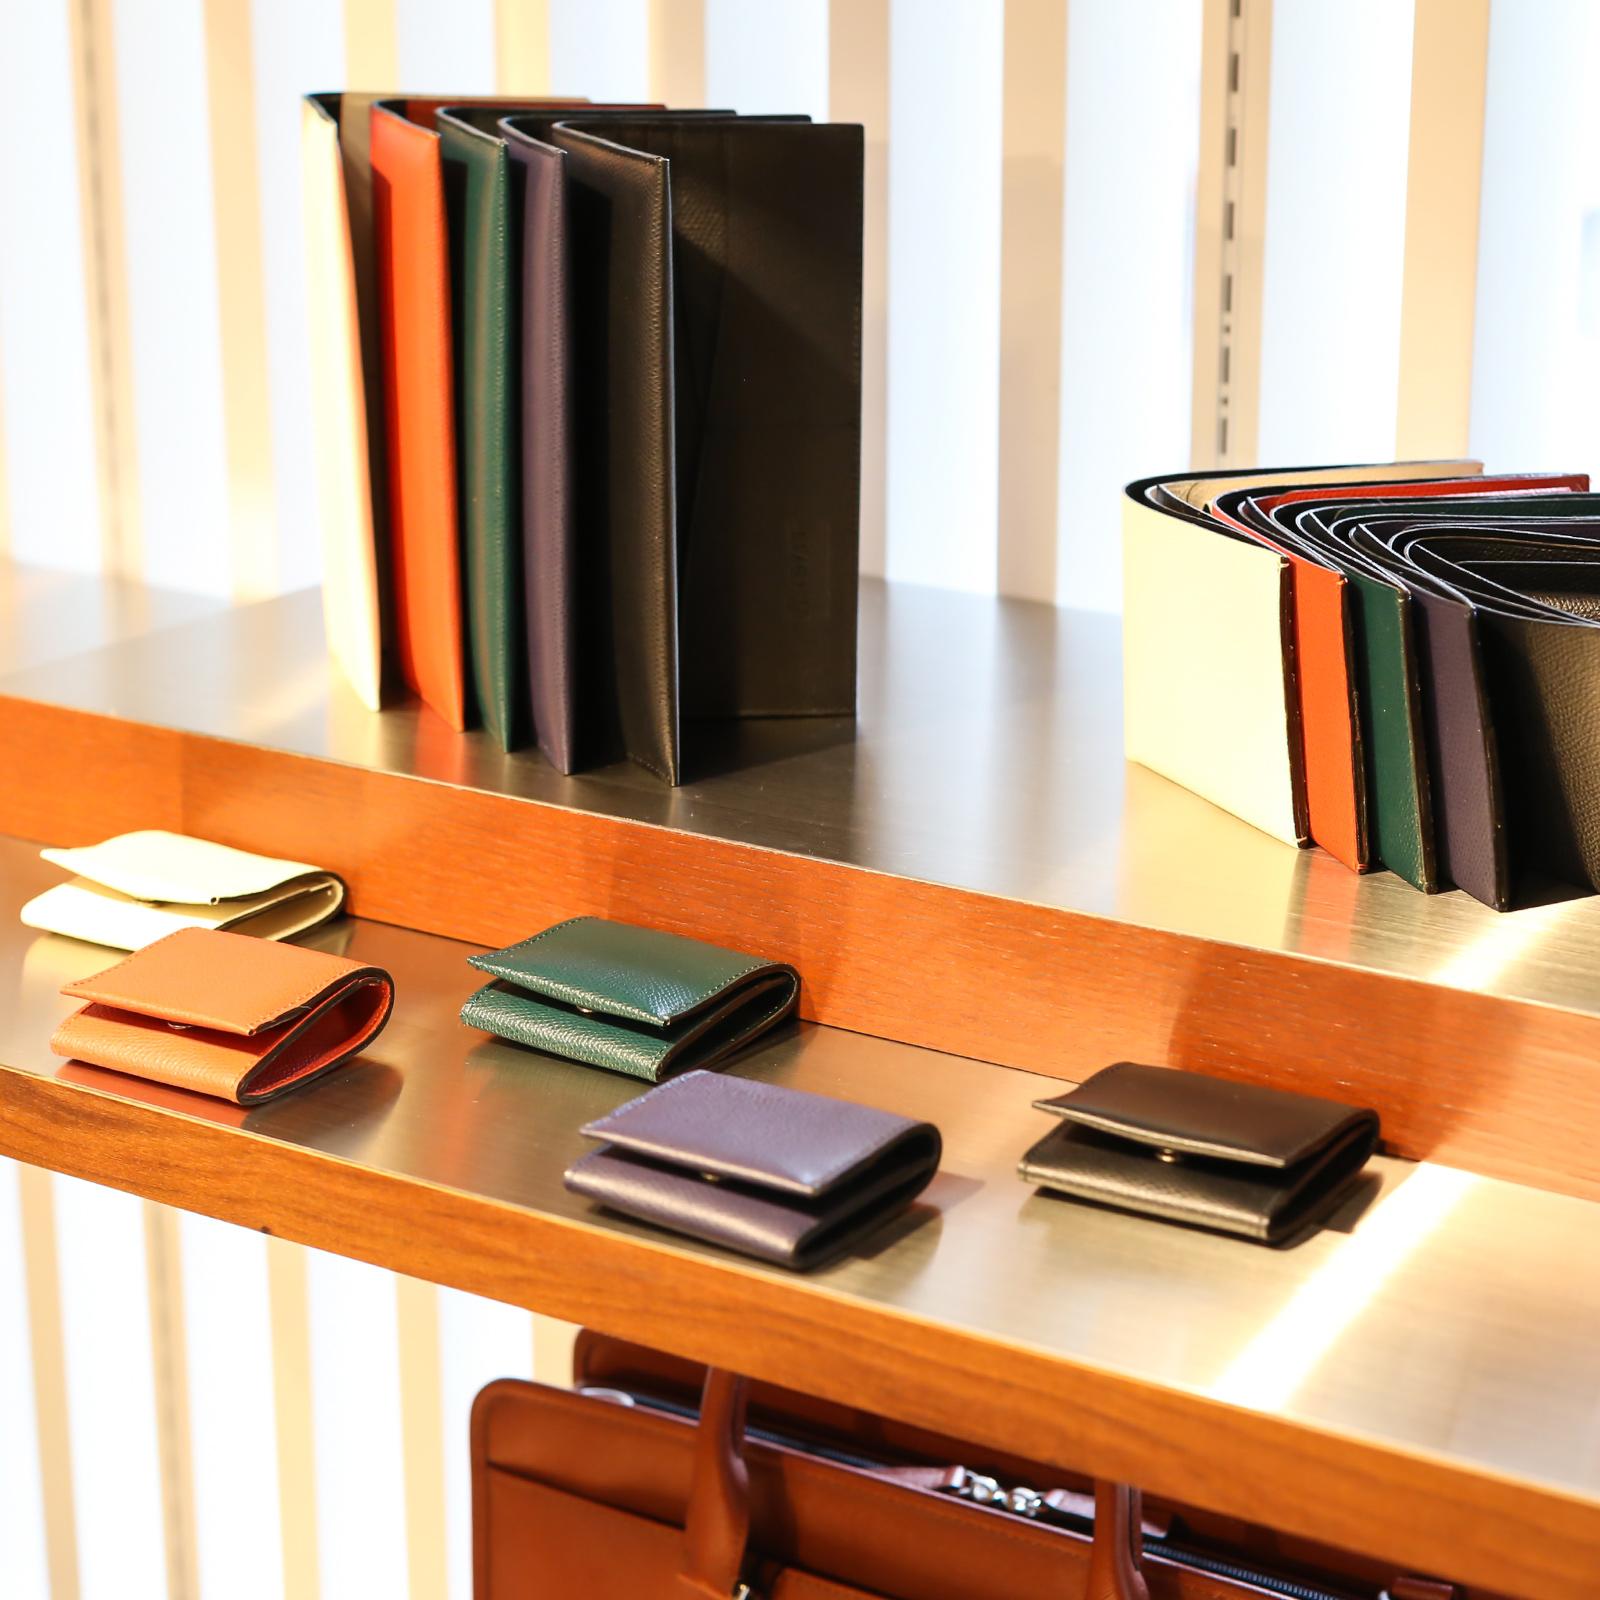 色揃えも豊富な革小物。シーンによって使い分けられるよう、色違いで同じものを持つファンも多い。